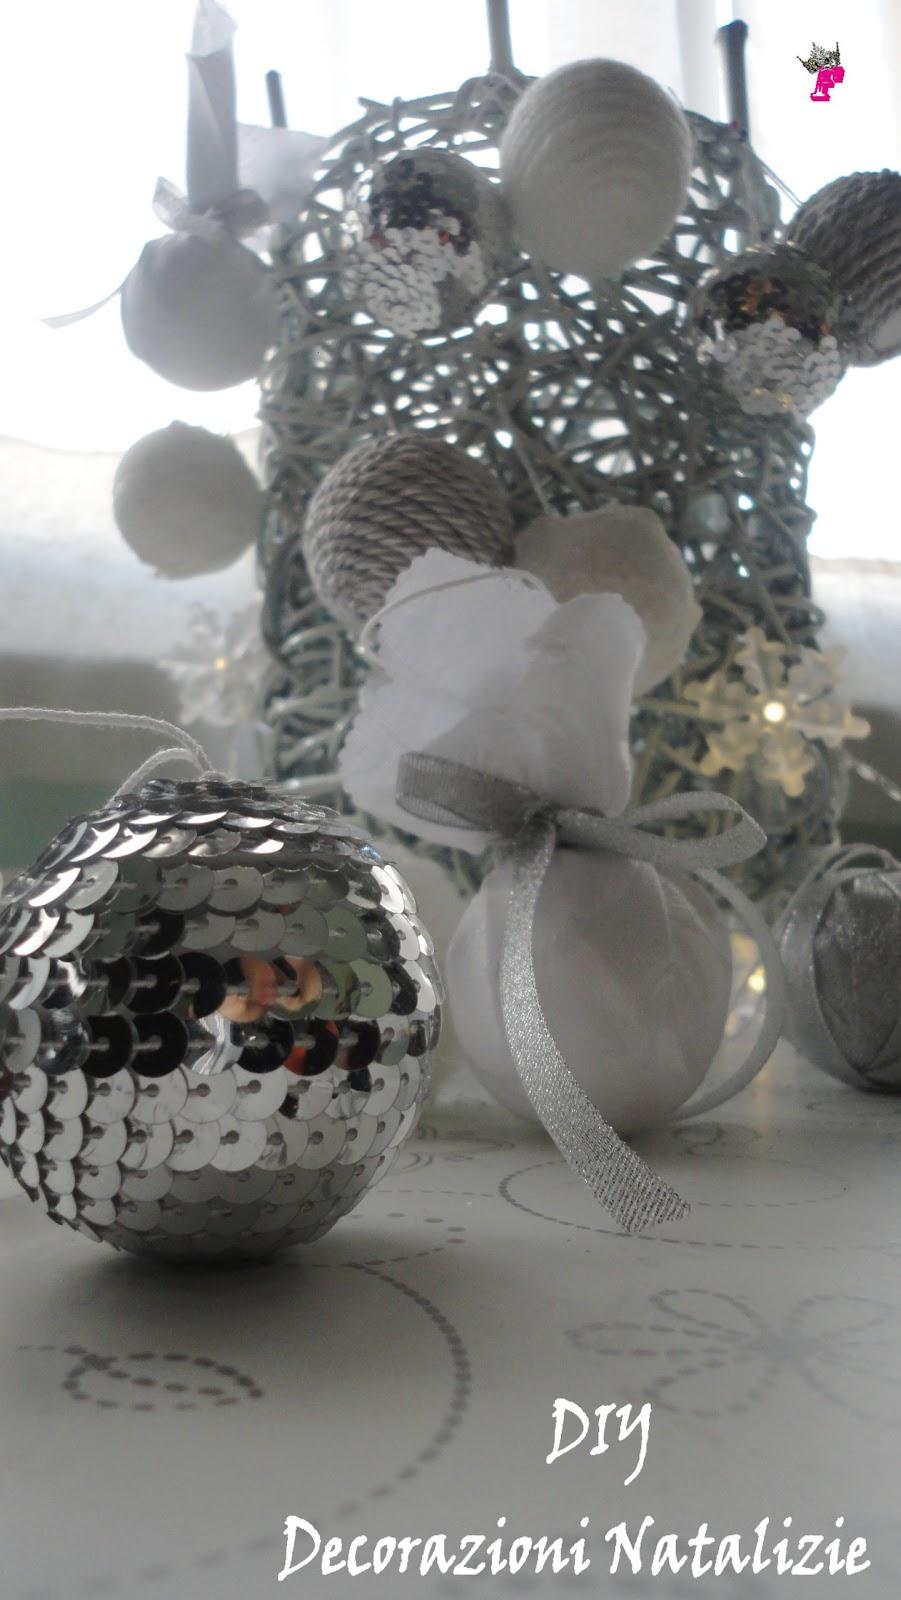 Fashion dixit fashion vivendi diy decorazioni natalizie - Decorazioni natalizie ...